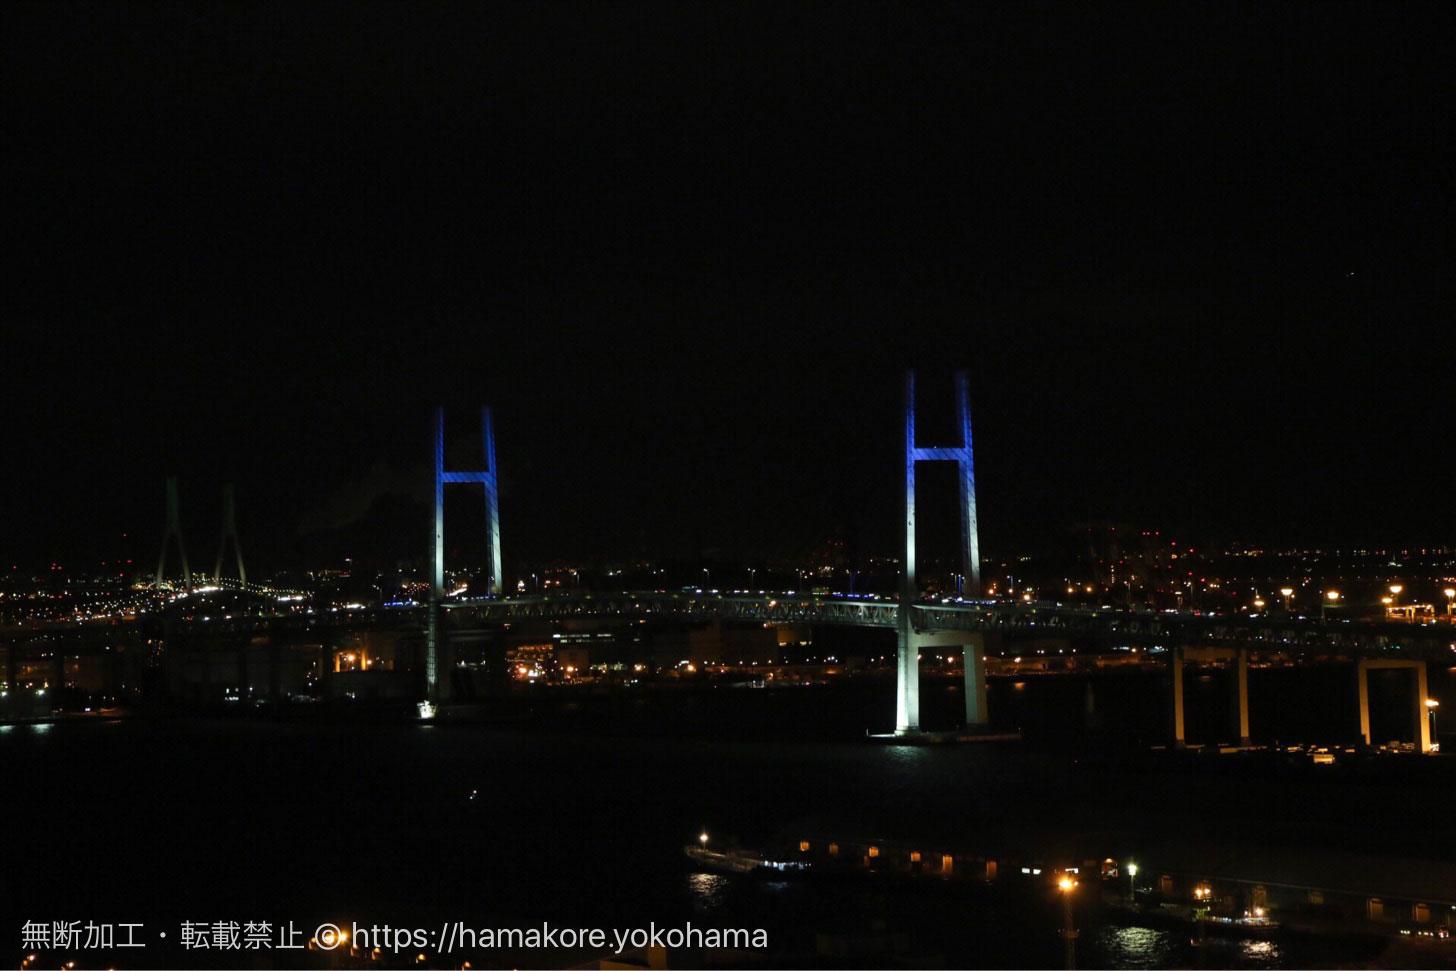 横浜マリンタワーから見た夜景 横浜ベイブリッジ